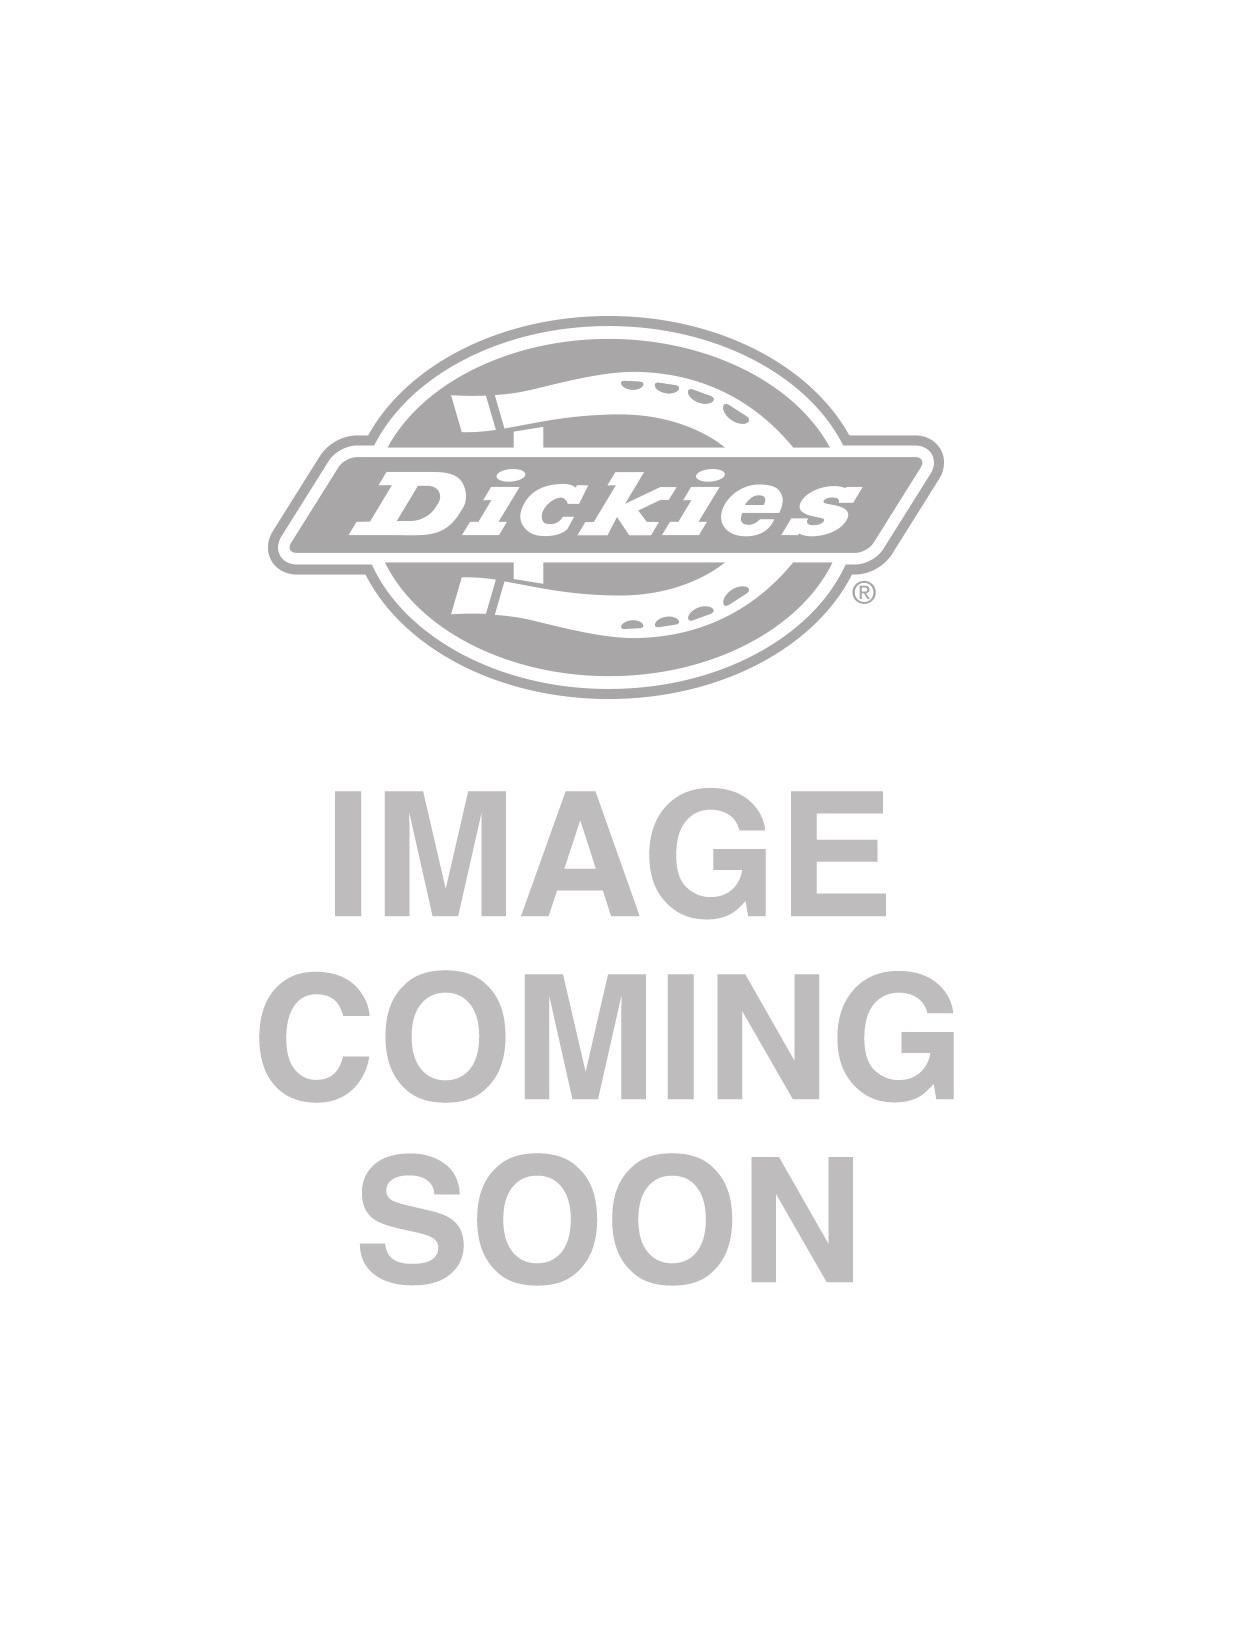 Dickies Womens Round Rock T-Shirt